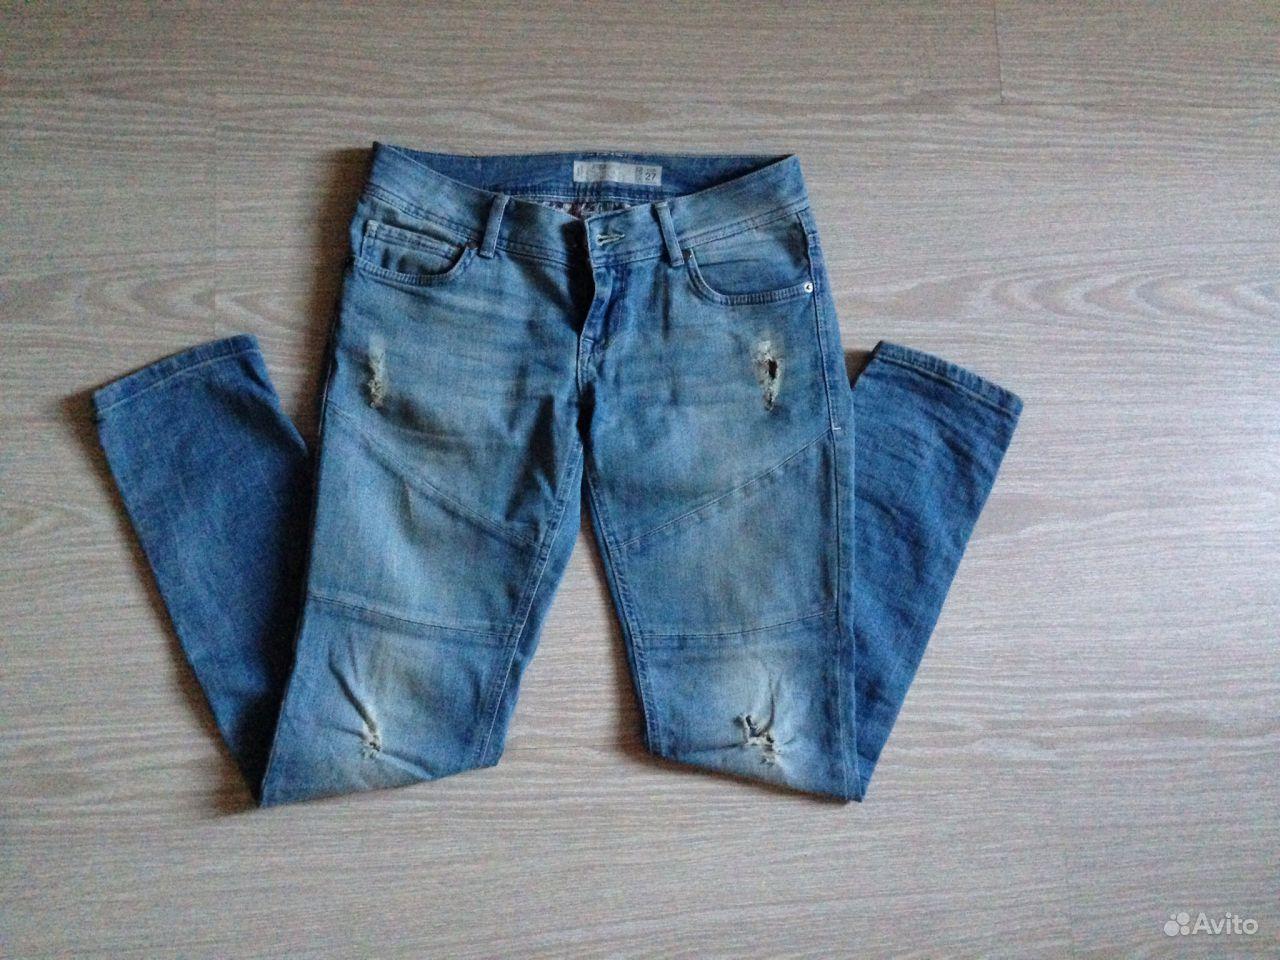 Фото рваные джинсы для детей 10 лет